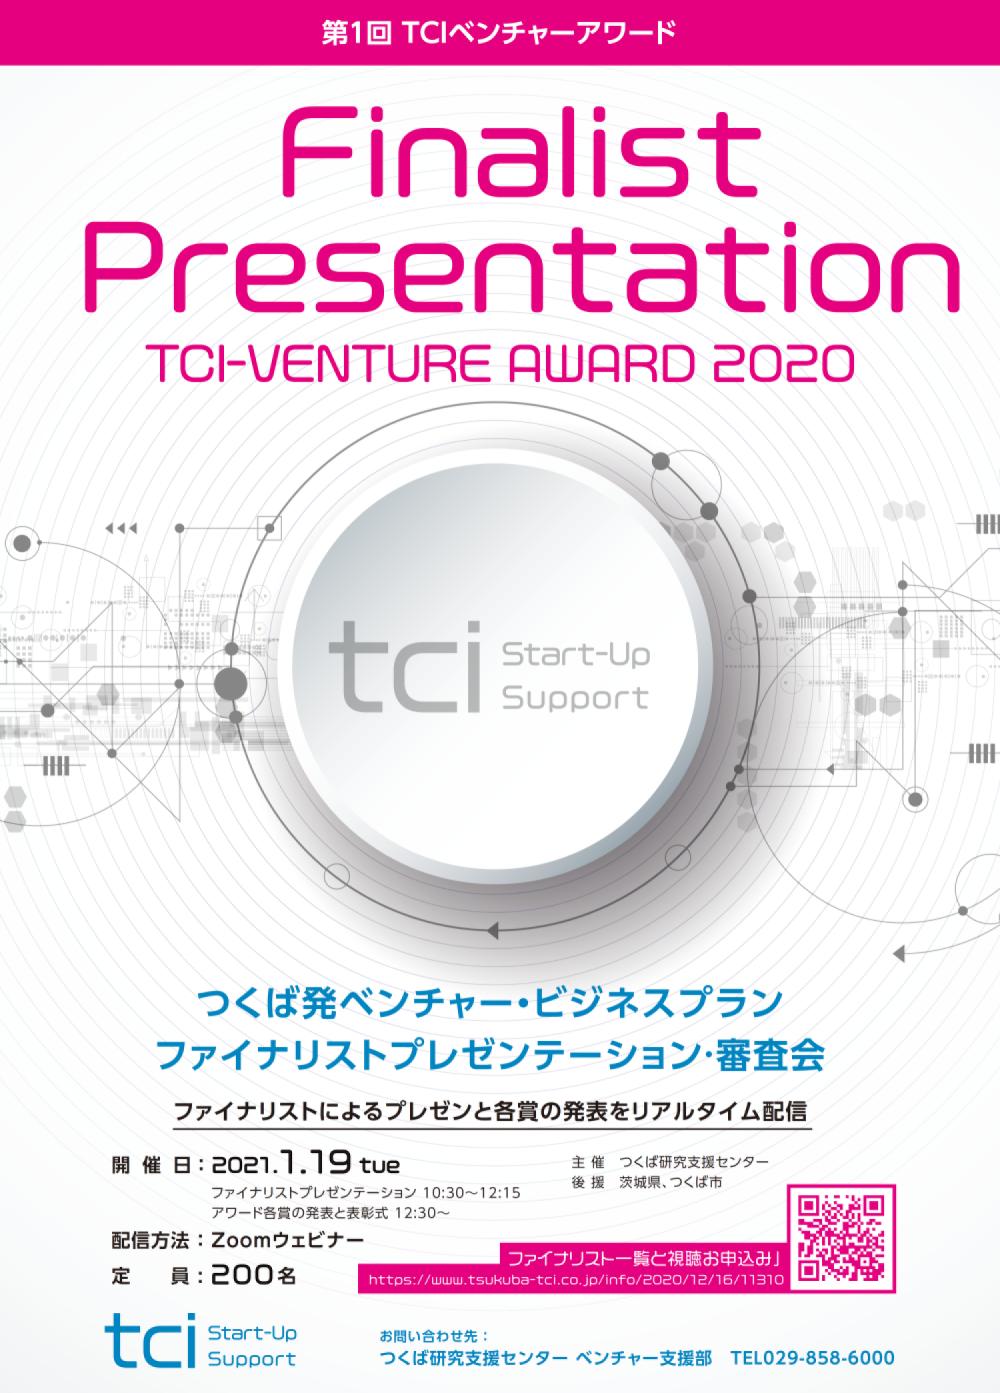 第1回TCIベンチャーアワード ファイナリストプレゼンテーション・審査会